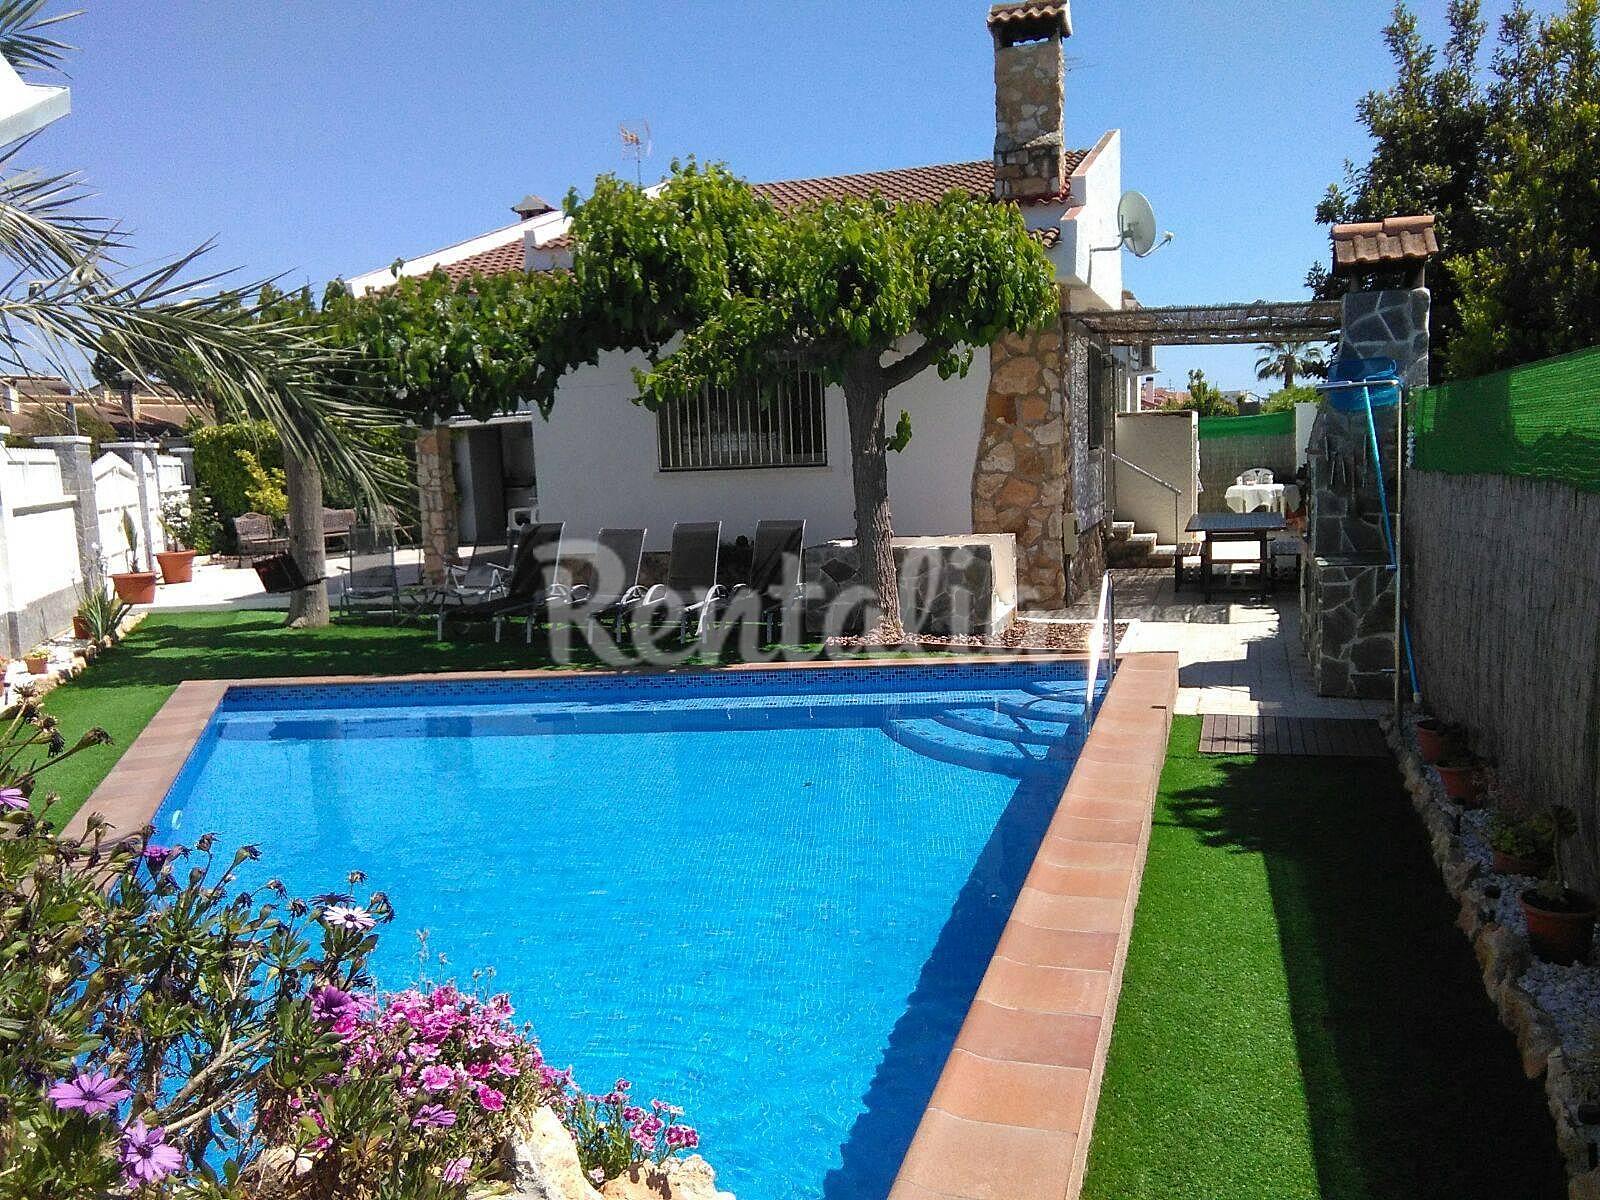 Casa con piscina privada en la costa dorada creixell - Camping con piscina climatizada en tarragona ...